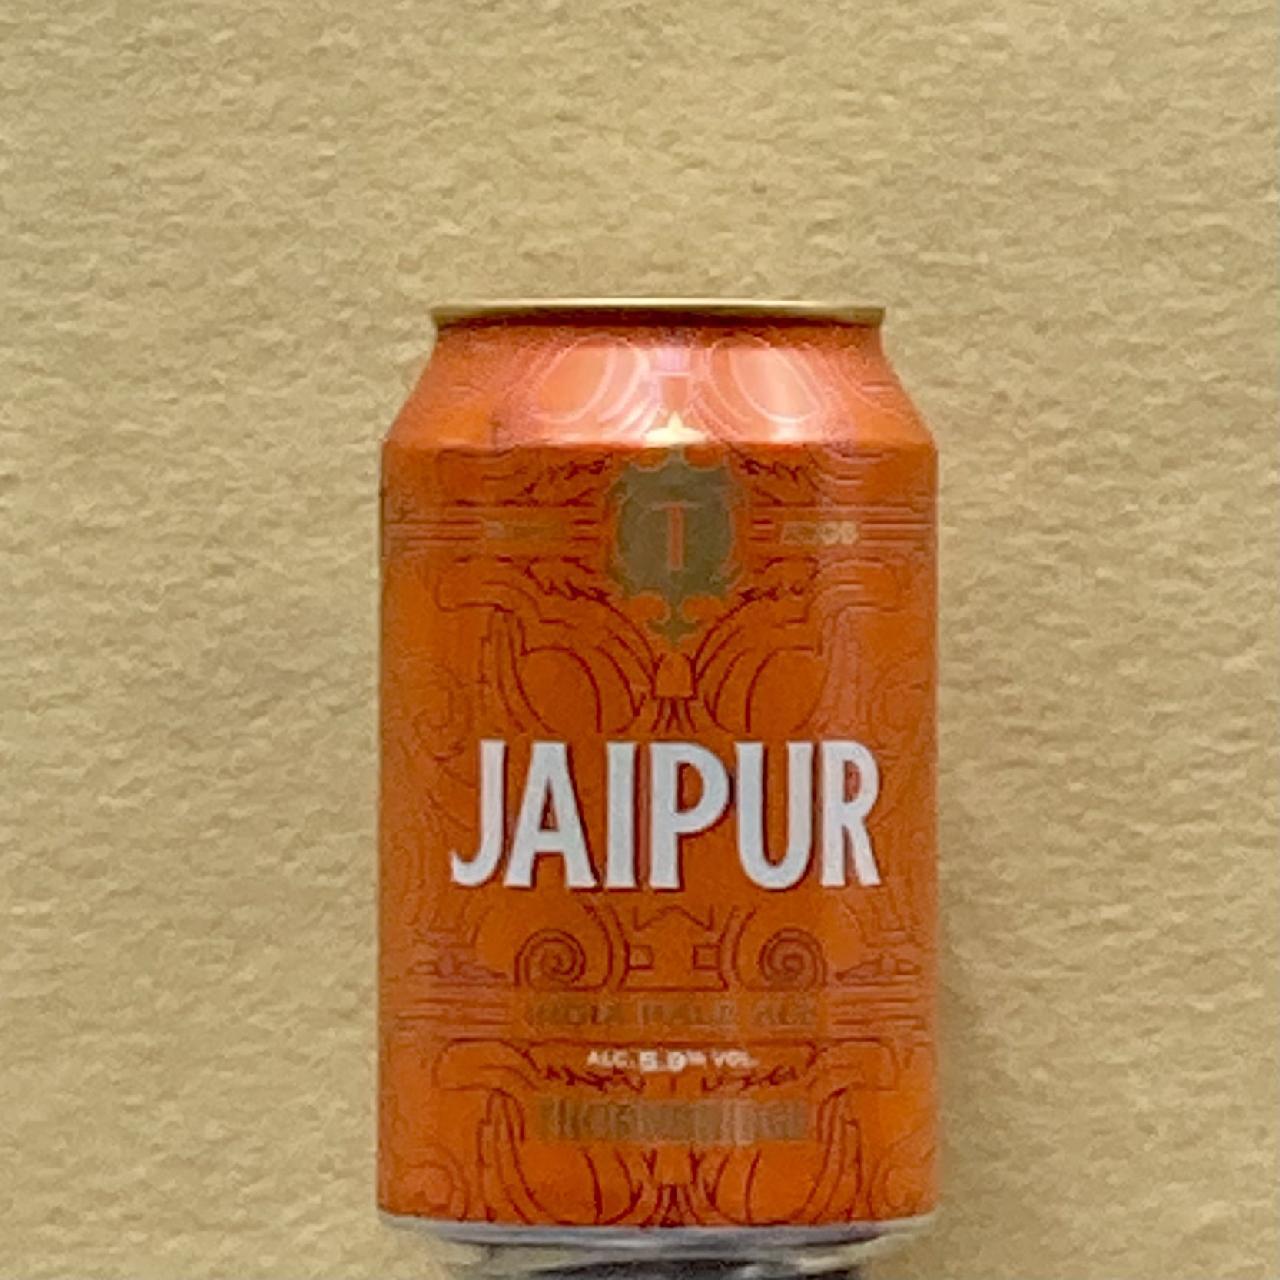 ソーンブリッジ ジャイプルIPA 330ml缶